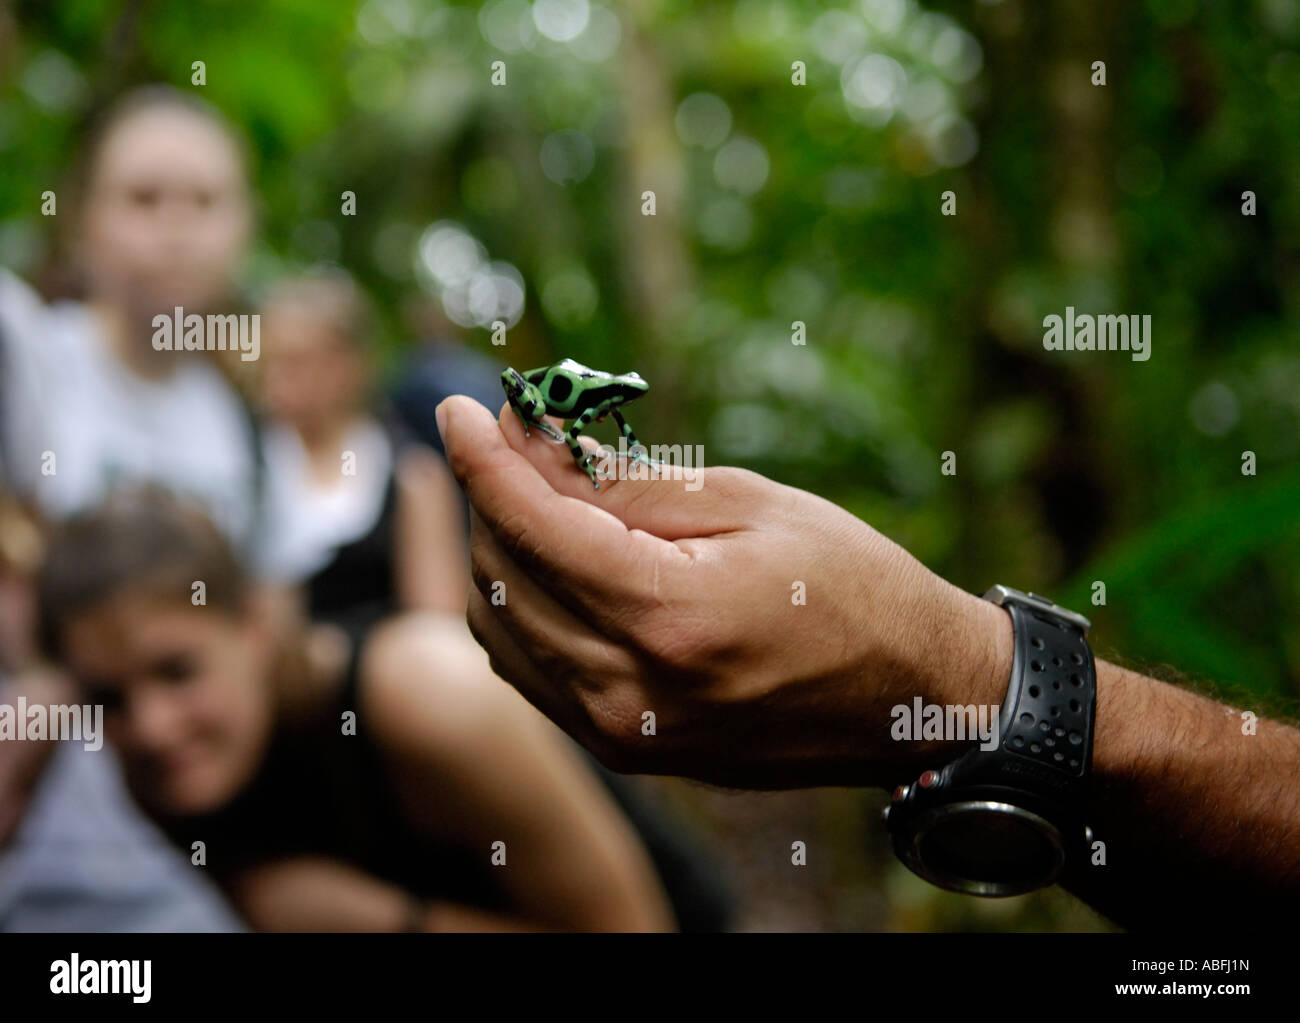 Ökotouristen beobachten einen grünen und schwarzen vergiften Frosch auf einer geführten Regenwaldwanderung Stockbild